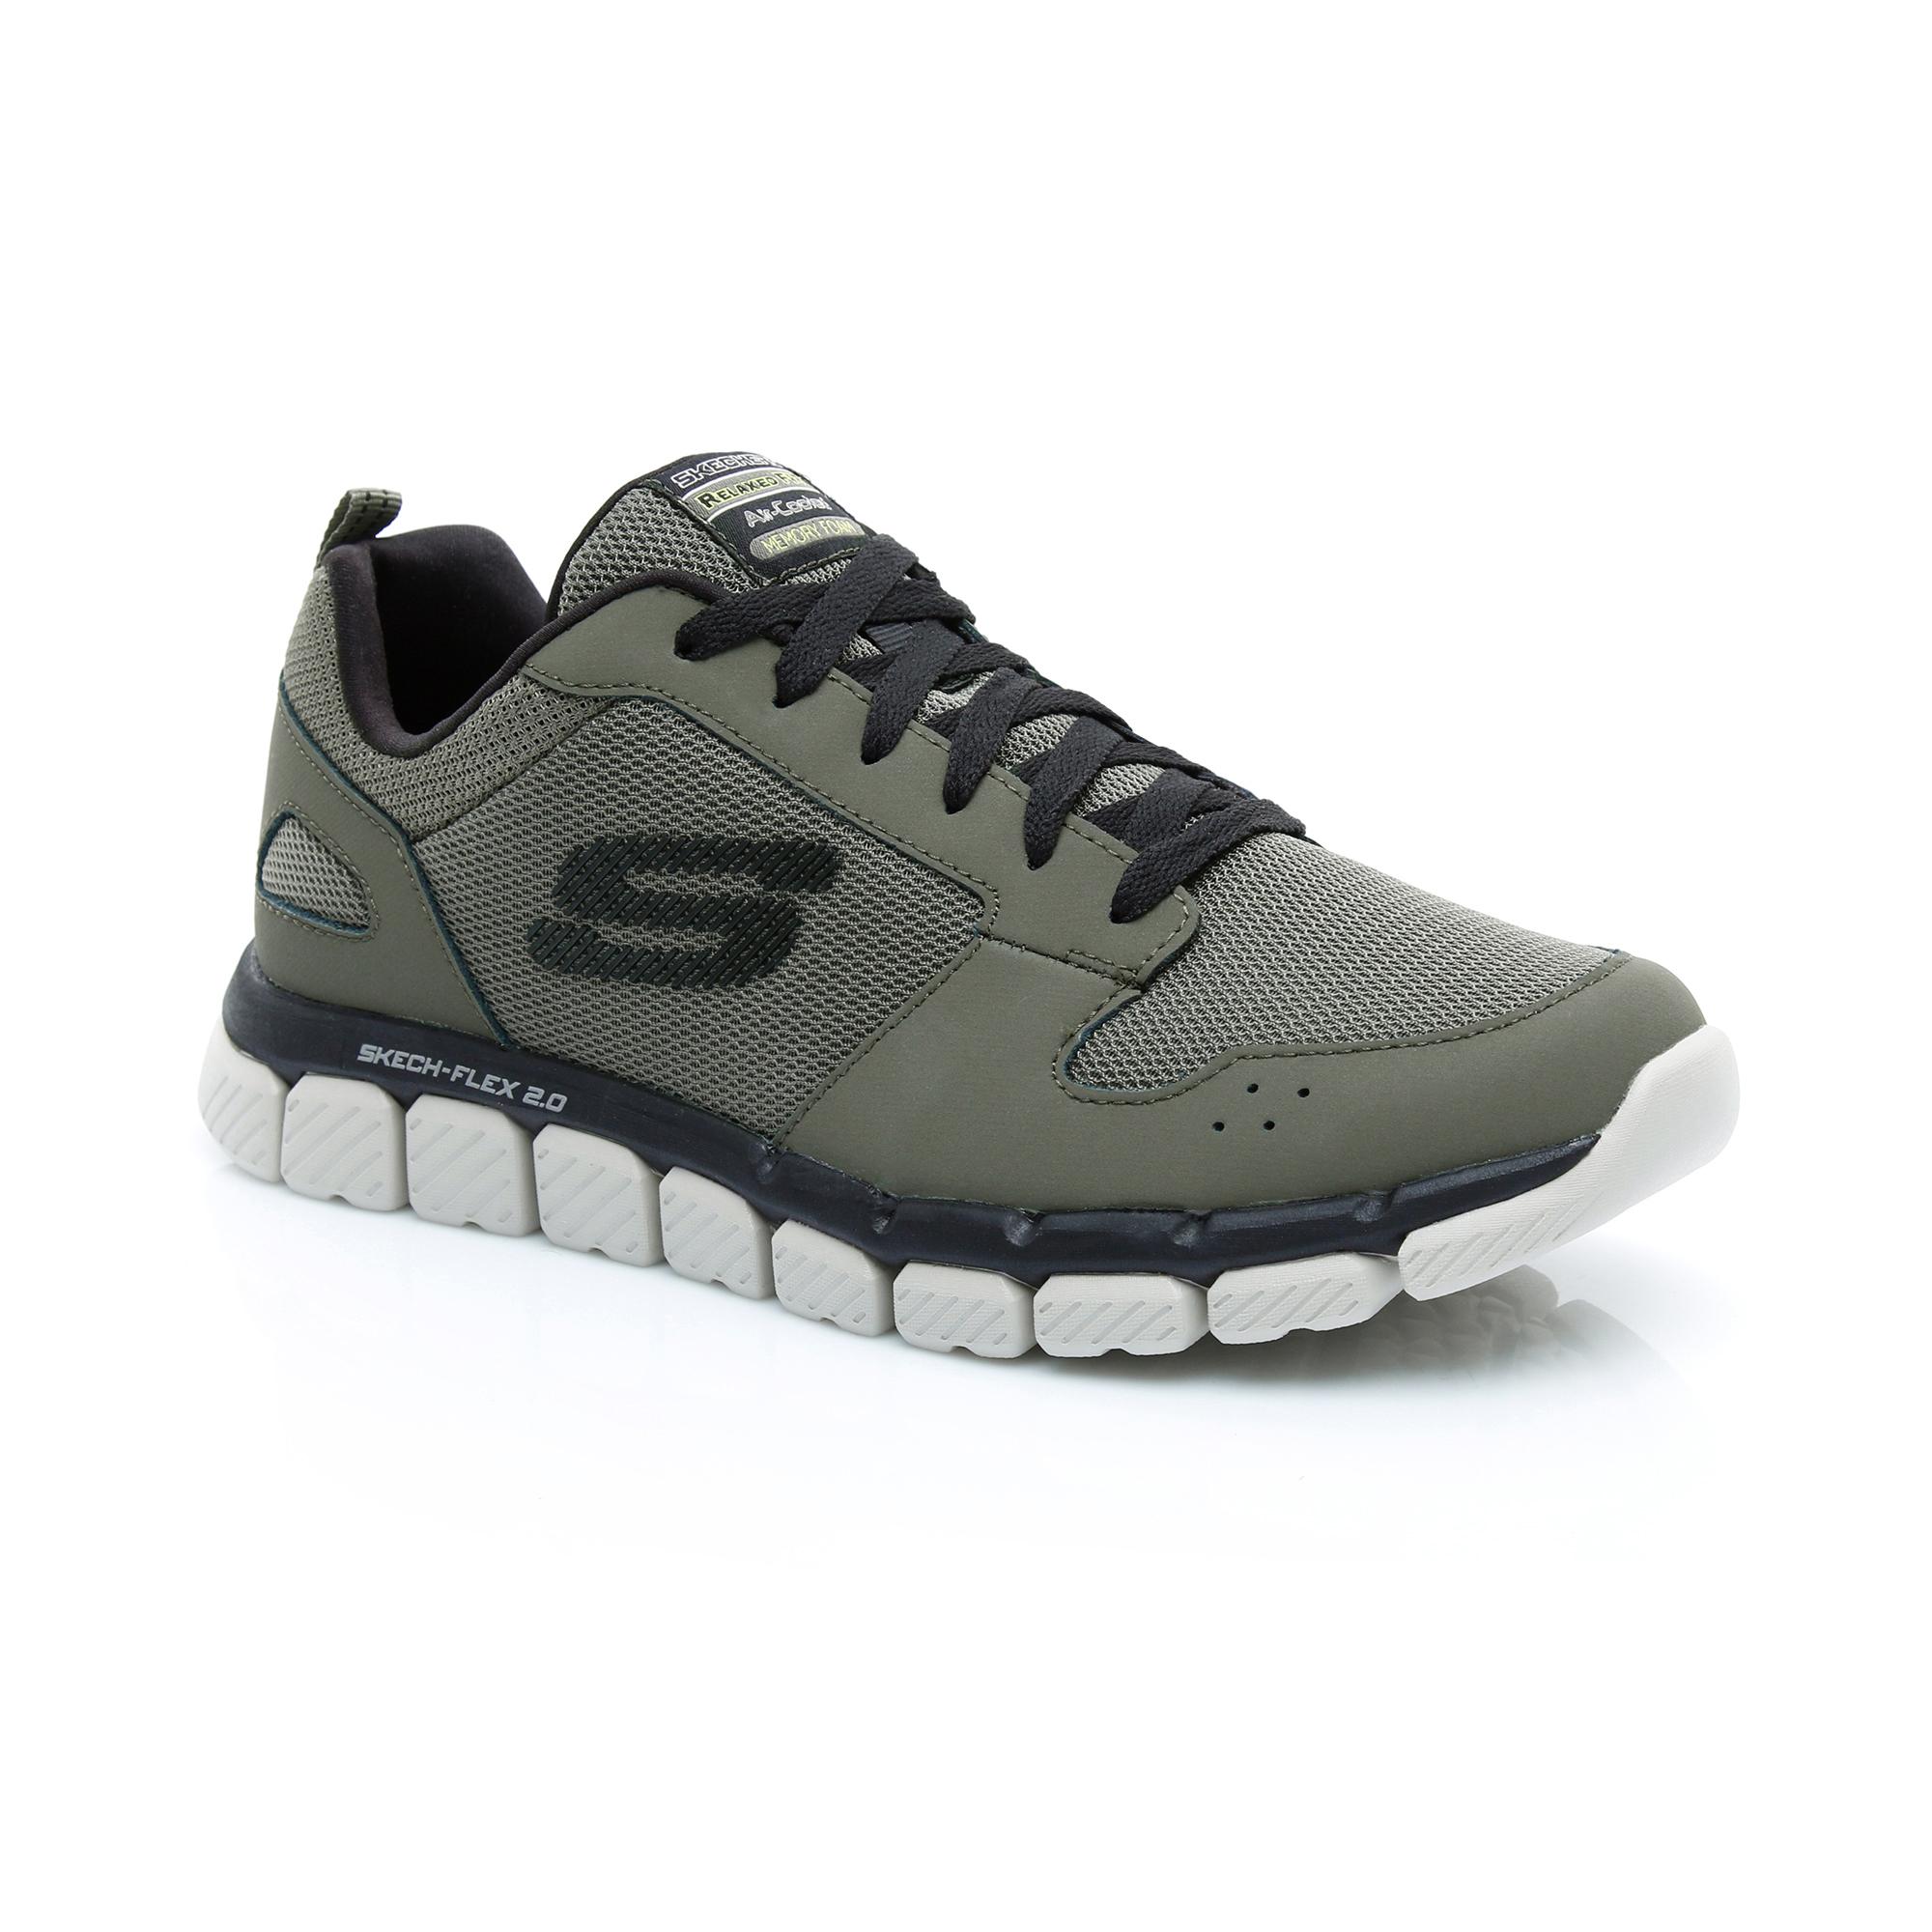 Skechers Skech - Flex 2.0 Erkek Haki Spor Ayakkabı